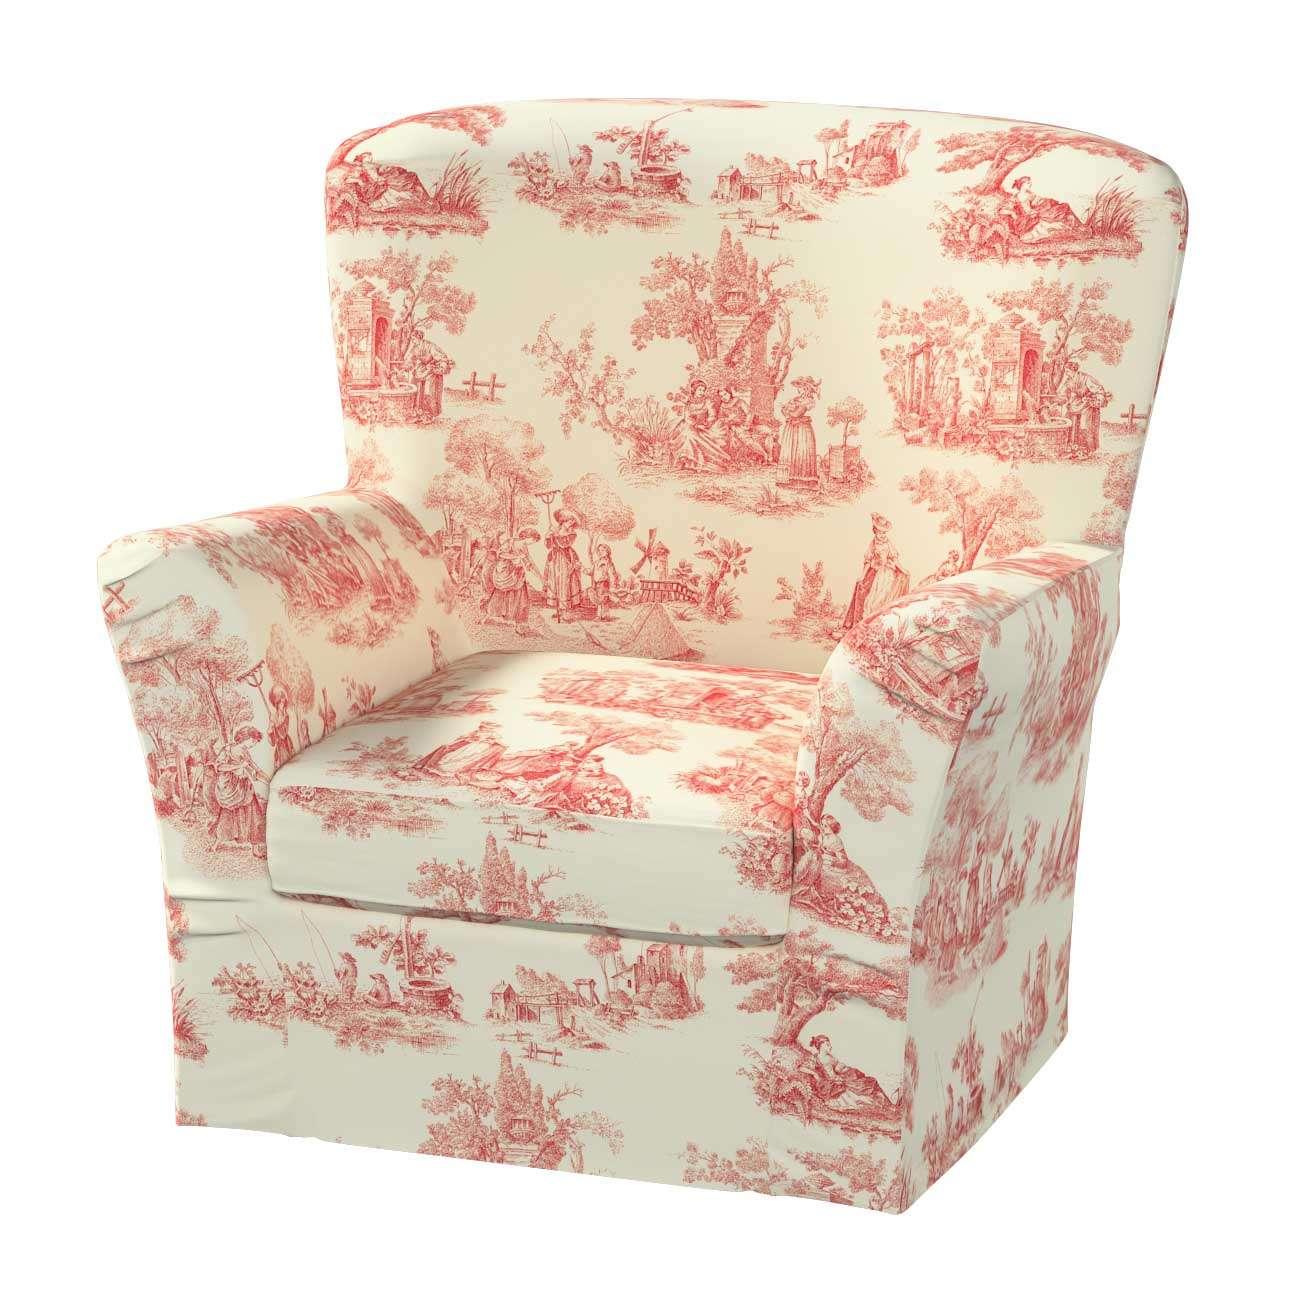 Pokrowiec na fotel Tomelilla z zakładkami fotel Tomelilla w kolekcji Avinon, tkanina: 132-15